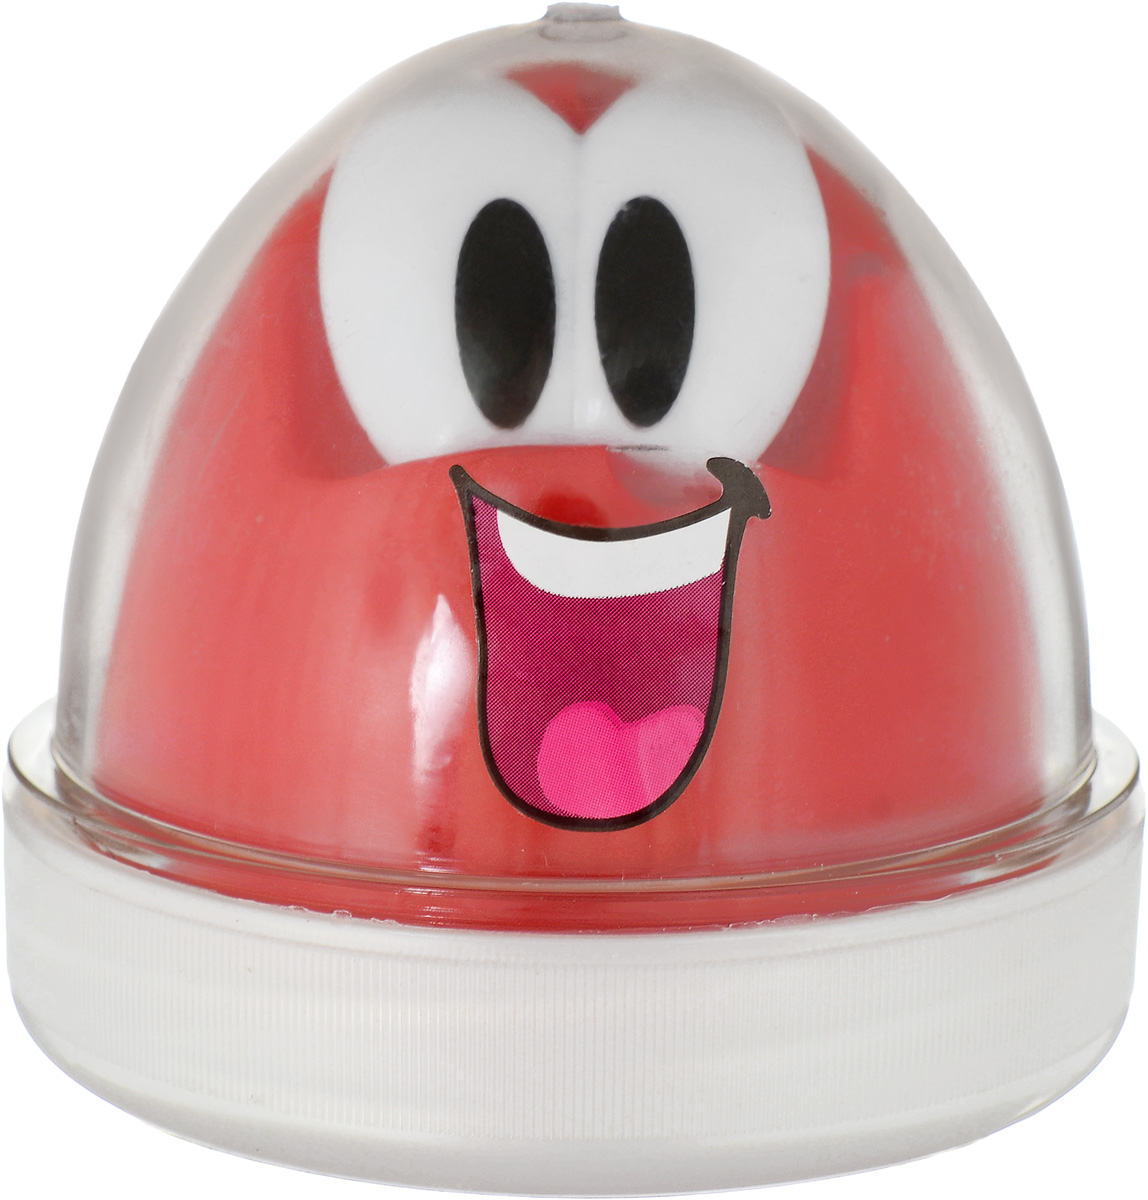 Genio Kids Пластилин для детской лепки Smart Gum светящийся в темноте цвет красныйHG03_красныйТесто-пластилин Smart Gum имеет мягкую консистенцию, без комочков, хорошо отделяется от рук. Герметичная крышка предохраняет тесто от высыхания. Фигурки, вылепленные из теста-пластилина, светятся в затемненном помещении.